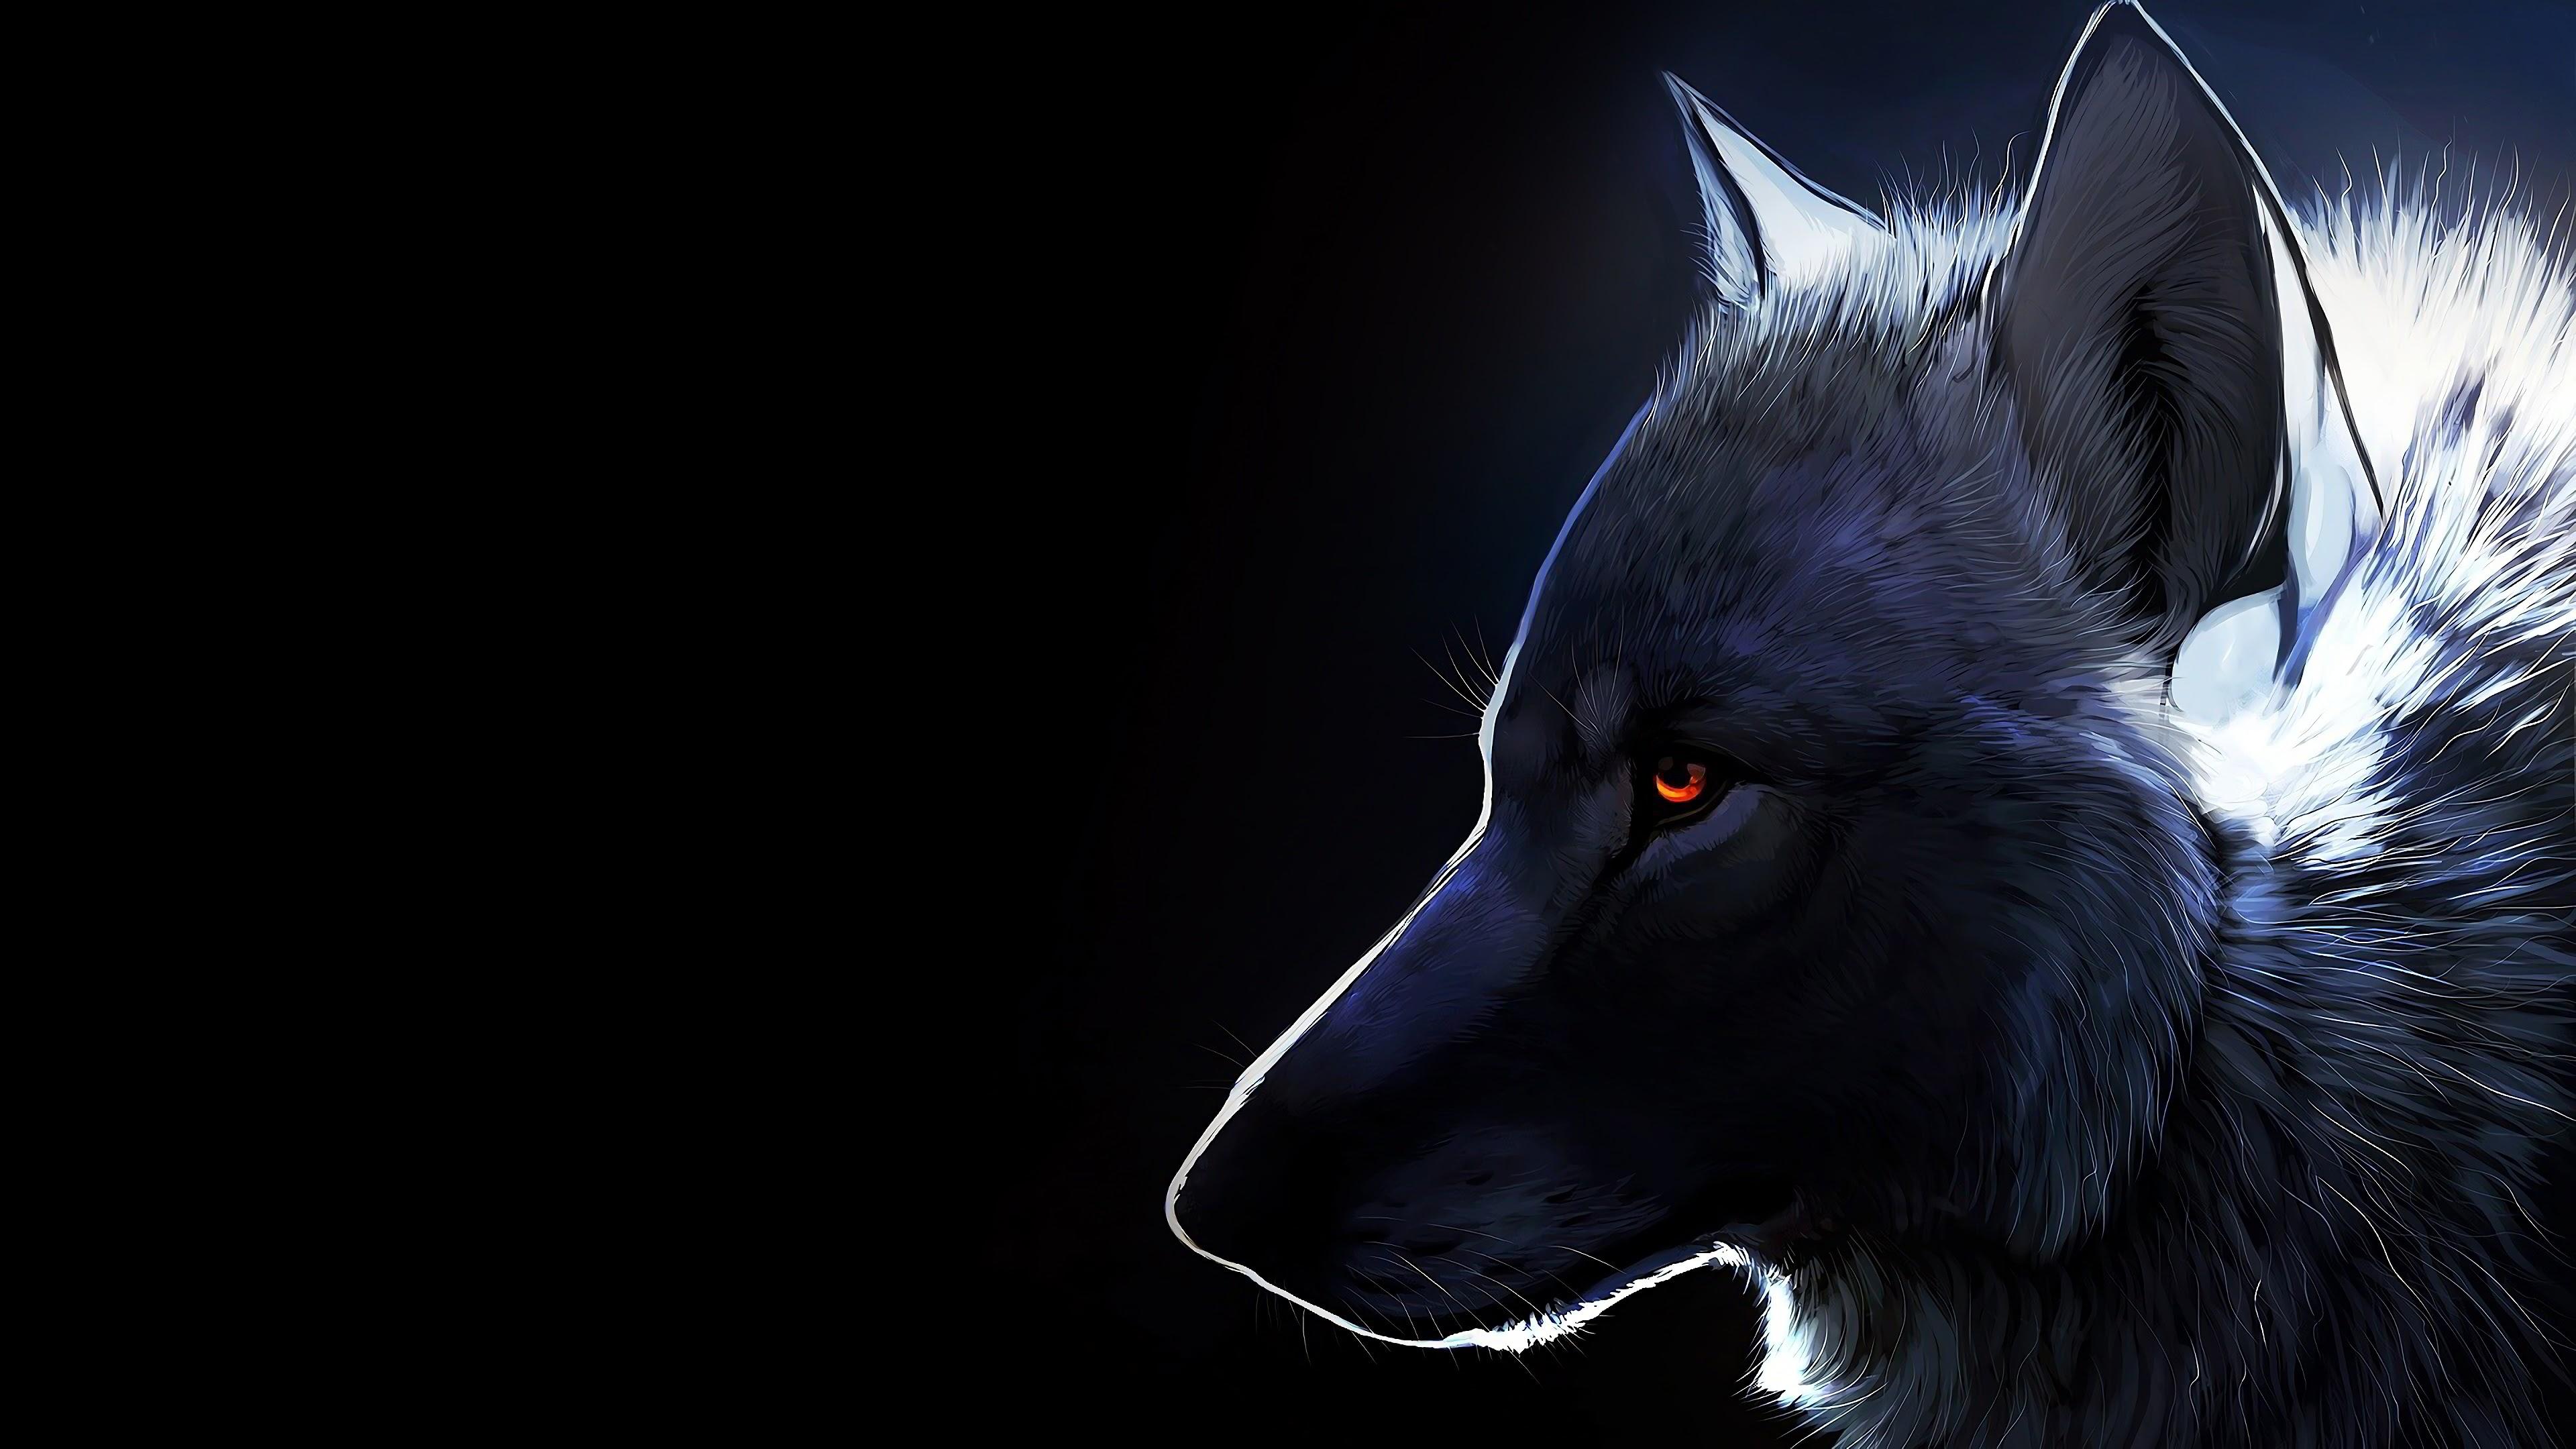 Wolf Art 4k Wallpaper 8